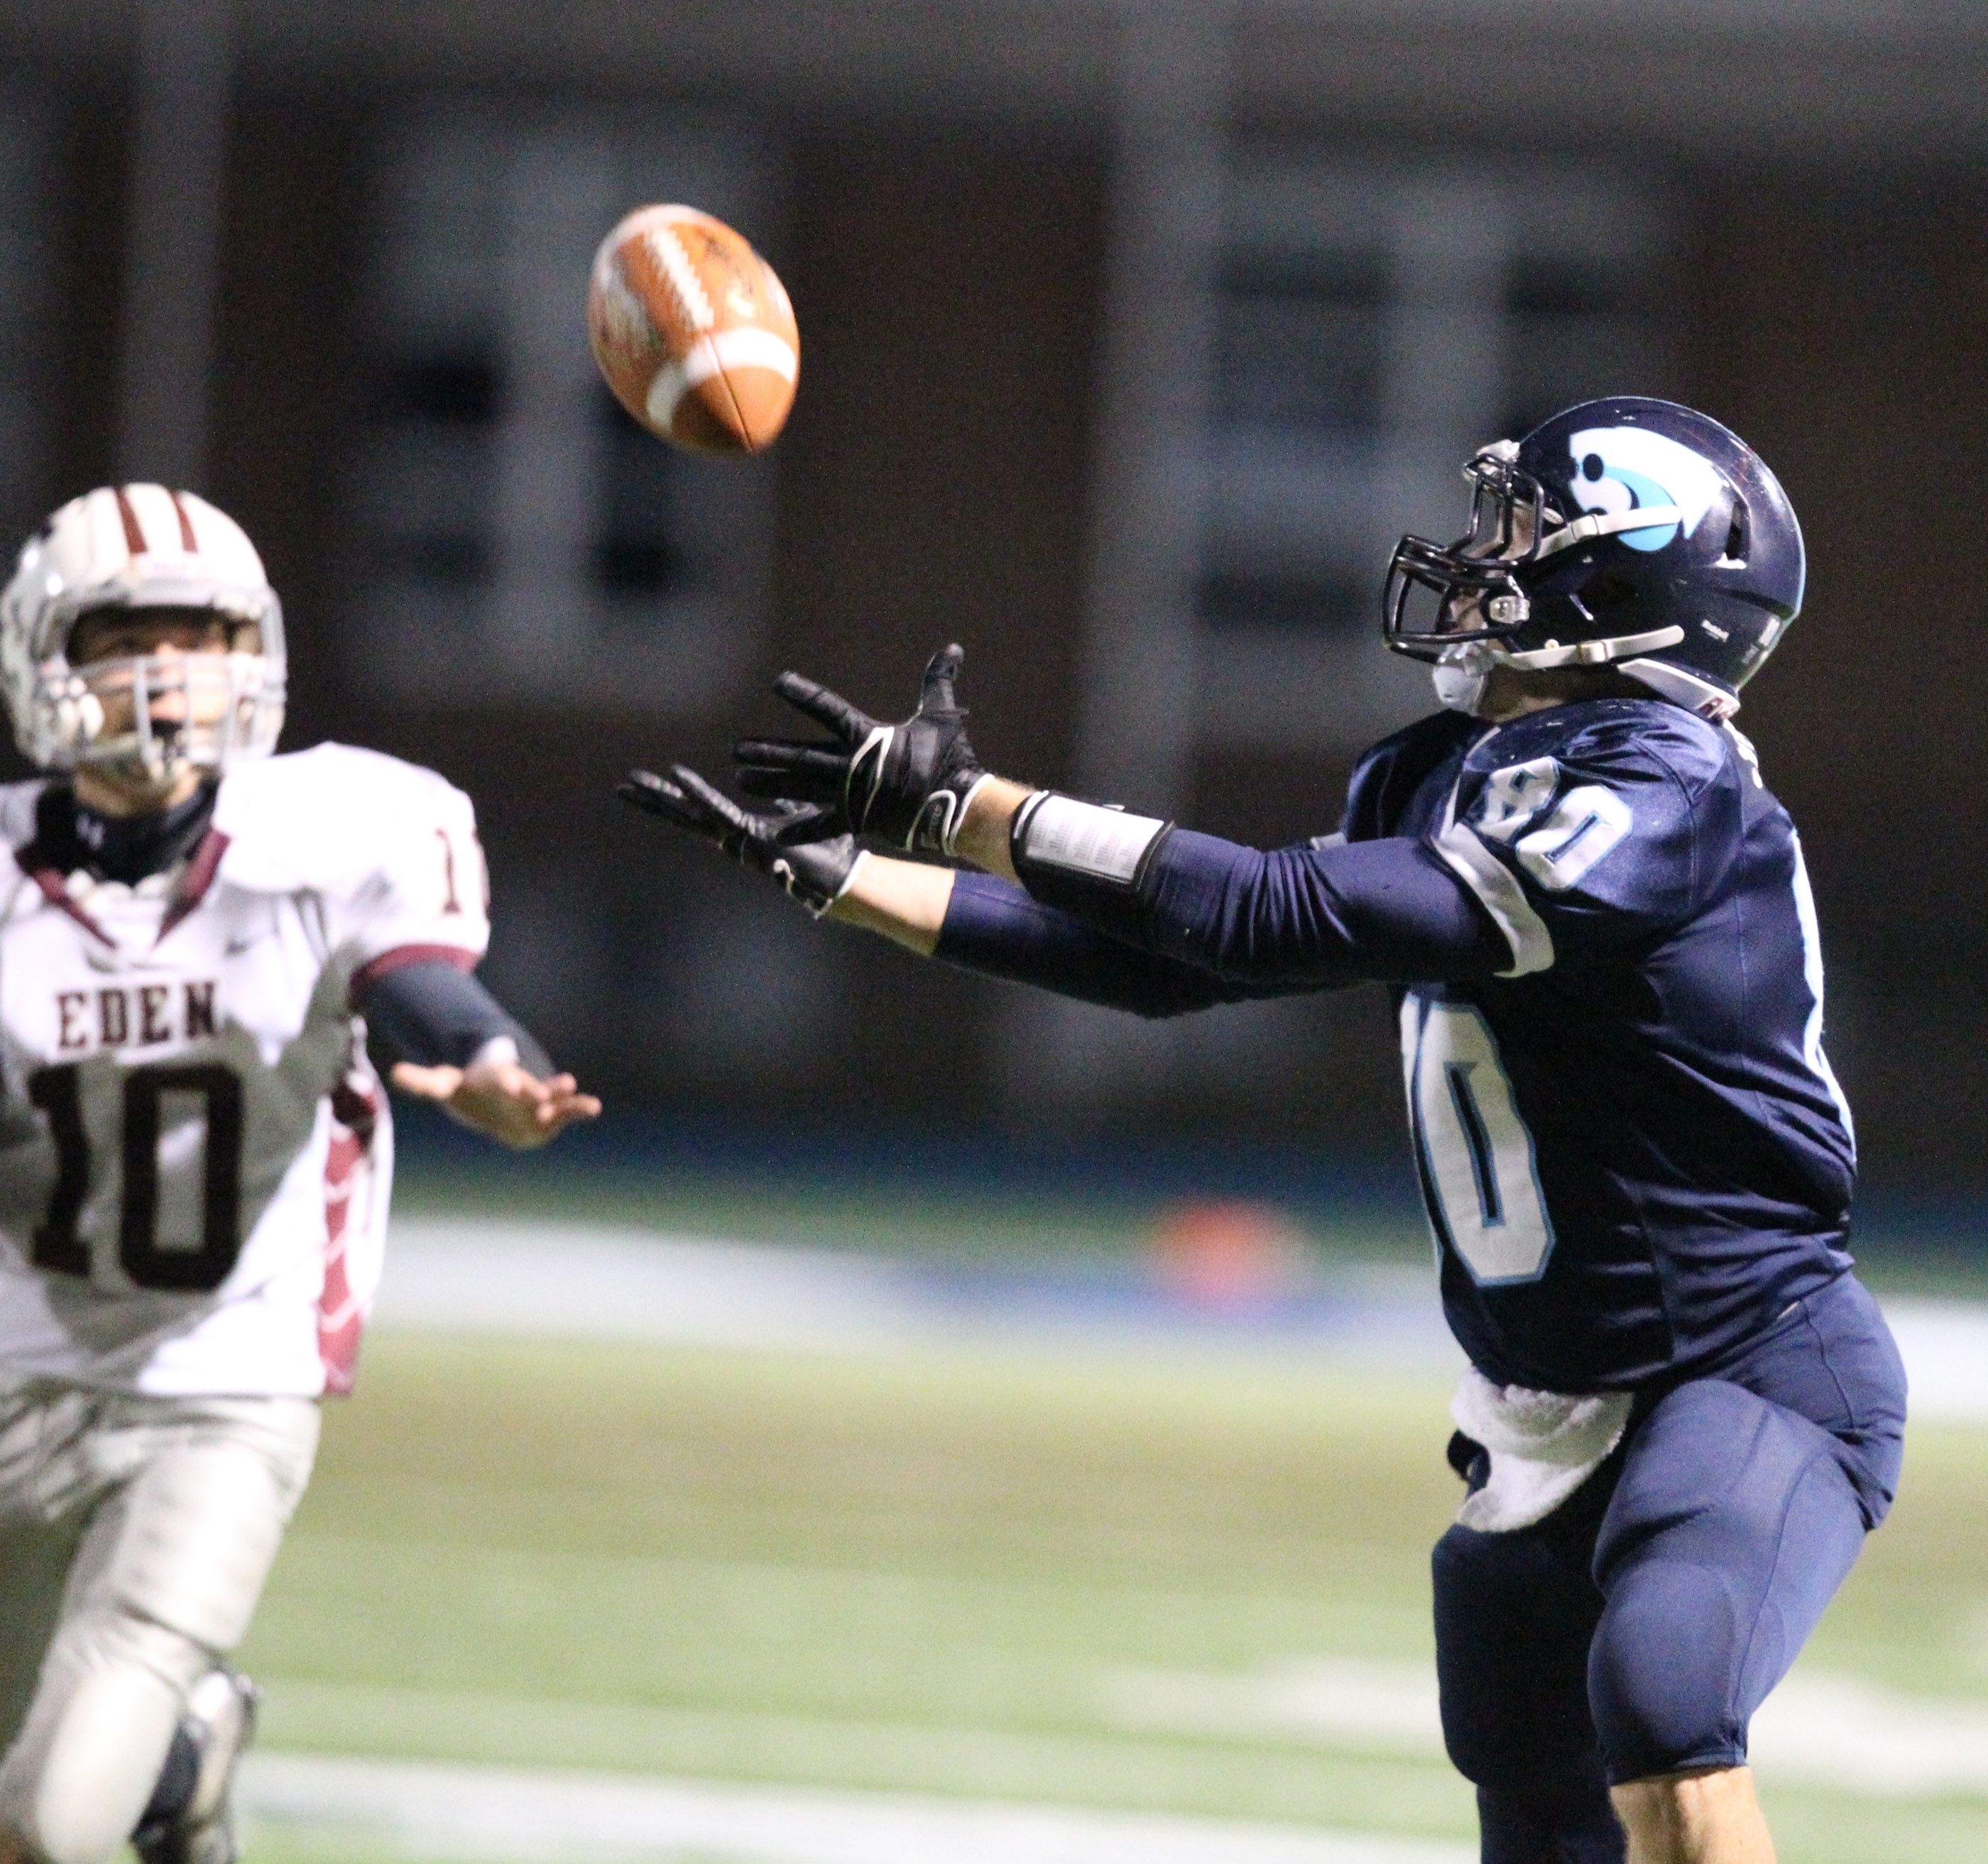 Depew receiver Derrick Sekuterski pulls in a 62-yard touchdown over Eden's Jesse Vondell in Depew's 39-17 victory.